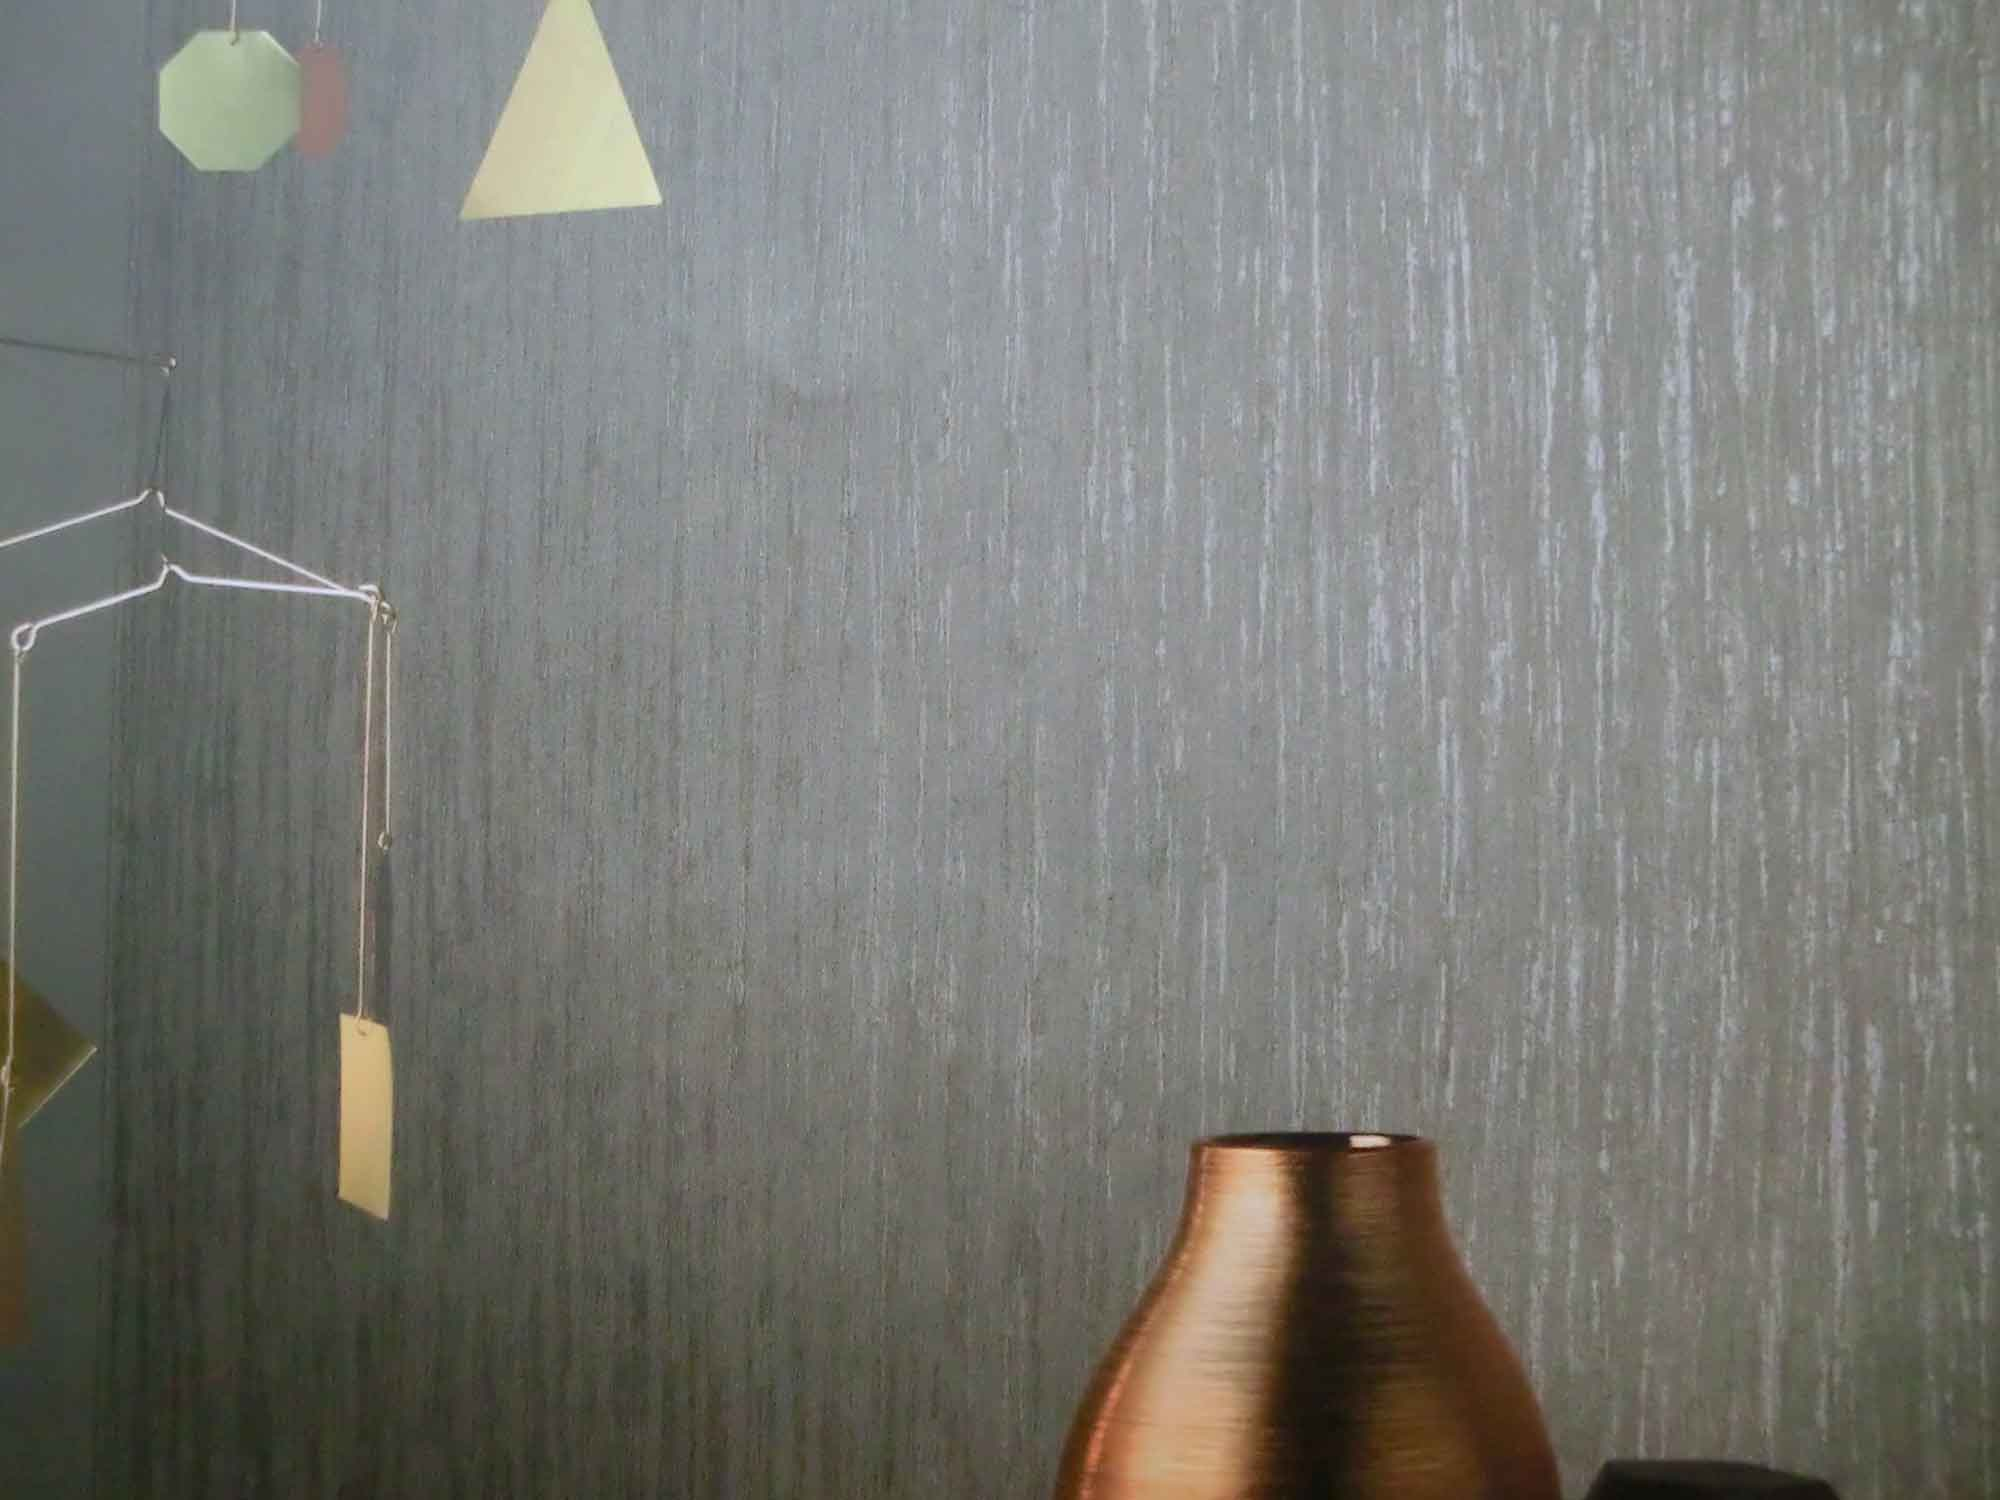 Charmant Stil Le Corbusier Tapeten Design Arte Online Kaufen . Kaufen Wandtapeten  Bauhaus Frisch 30 Tapeten Max Swappingtonscom Wohndesign Und Möbel Ideen